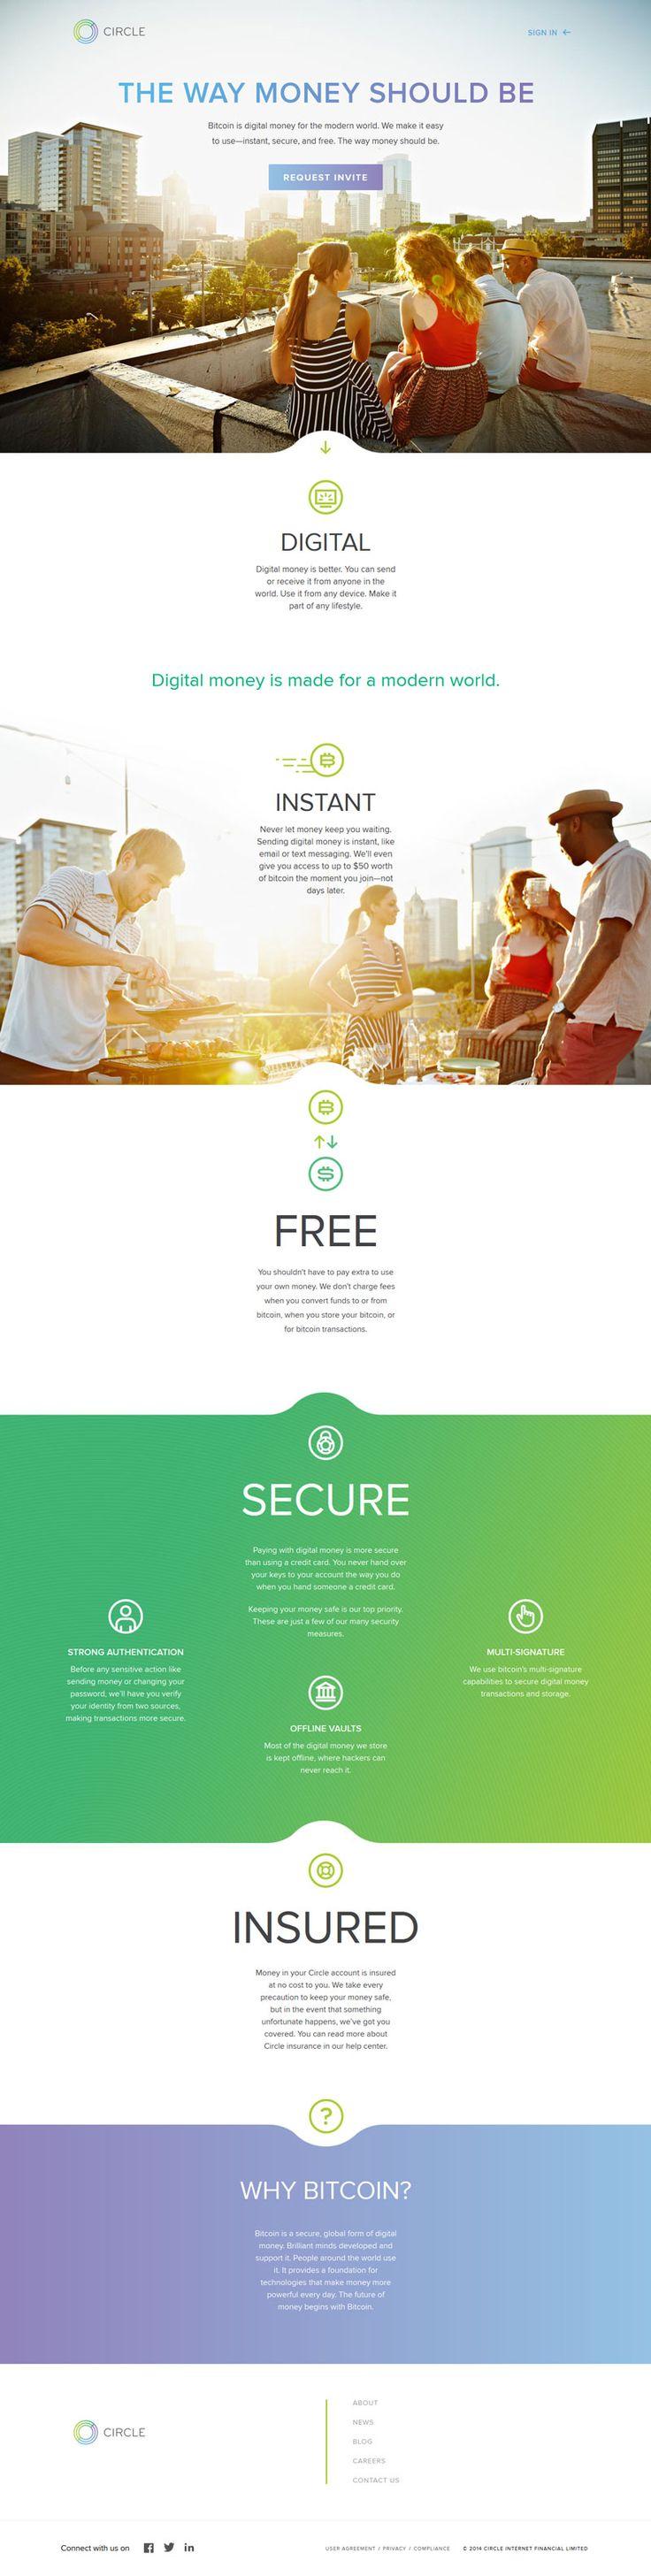 Cool Web Design, Circle. #webdesign #webdevelopment [http://www.pinterest.com/alfredchong/]